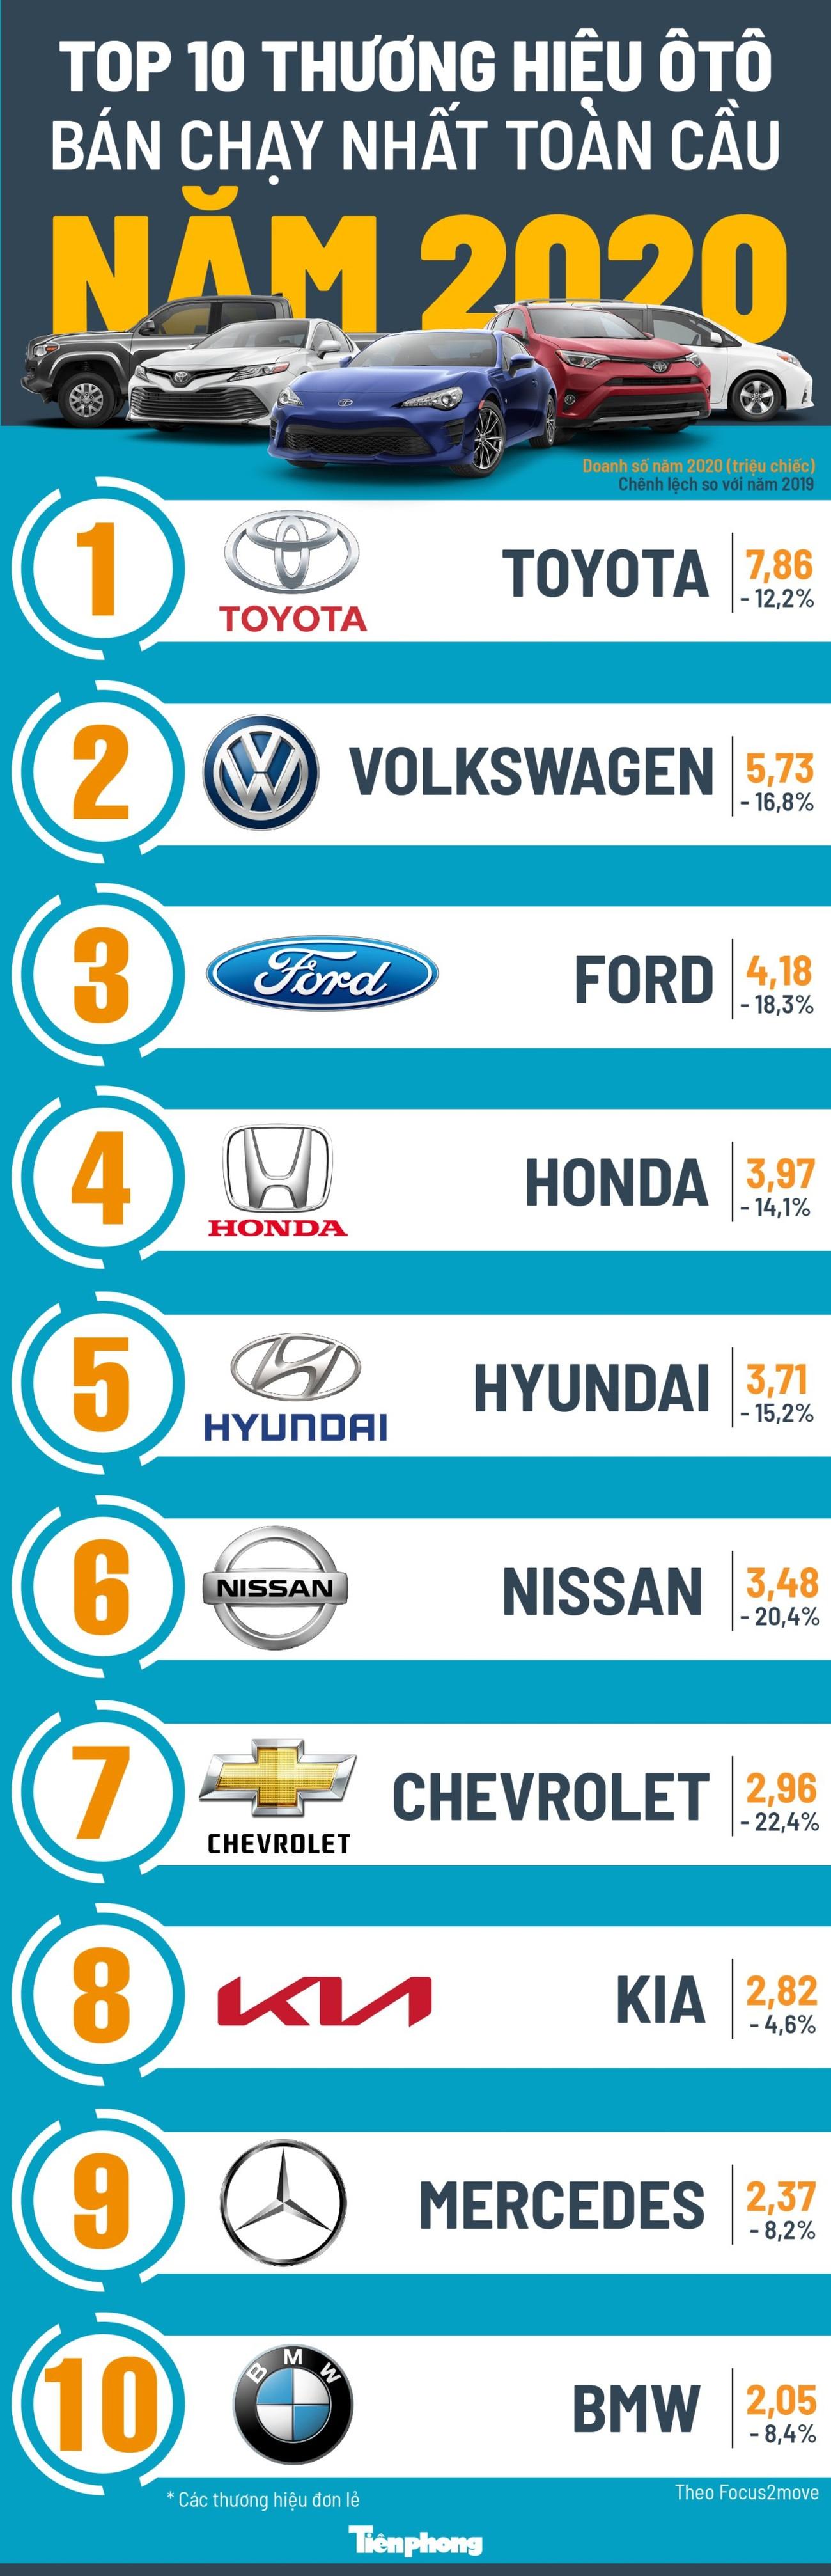 Top 10 thương hiệu ôtô bán chạy nhất năm 2020 ảnh 1